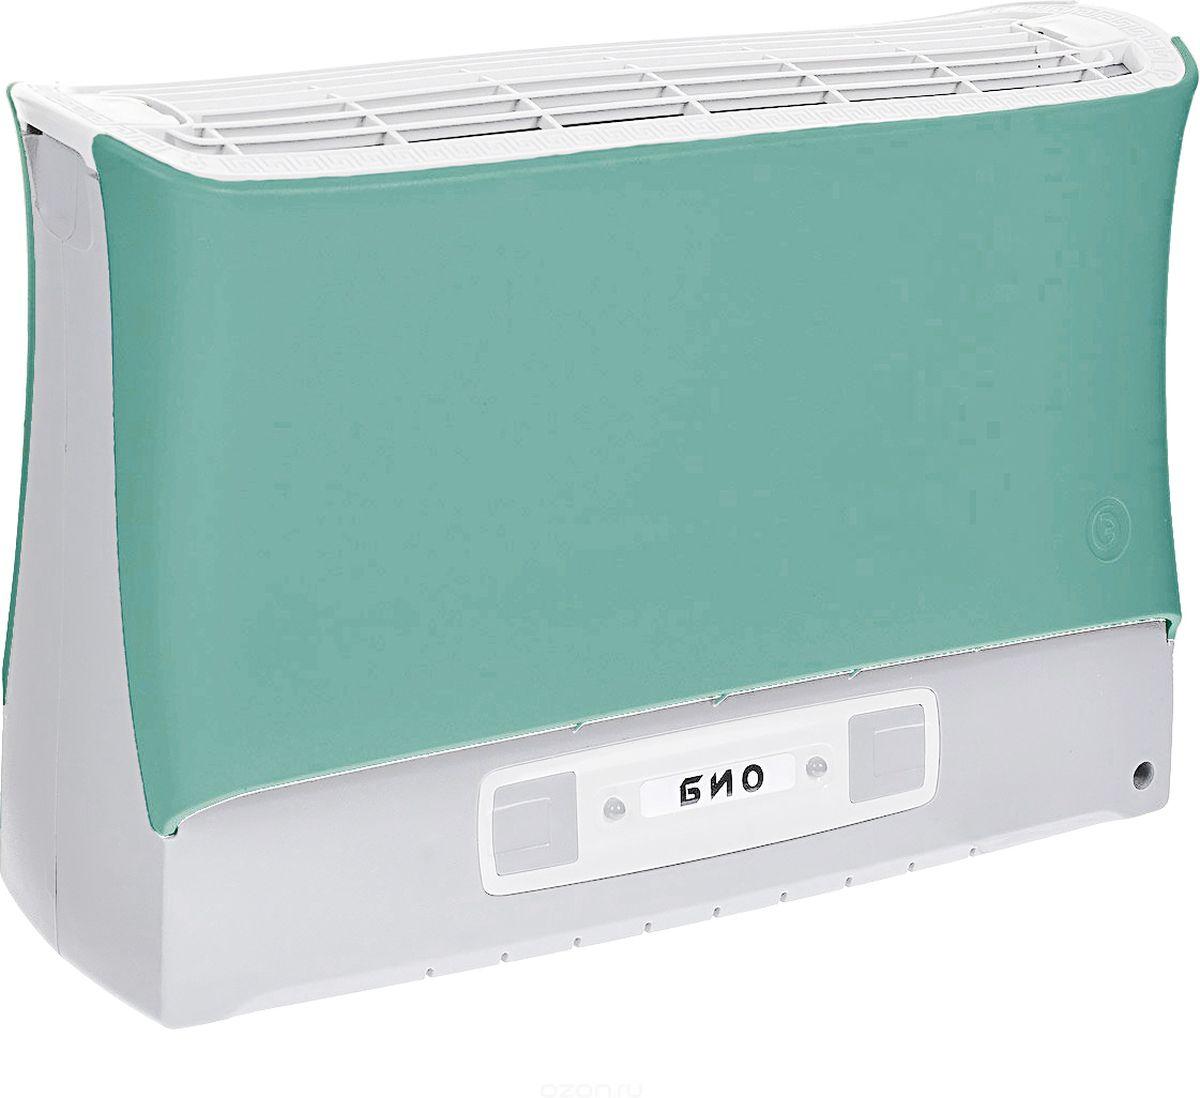 Супер Плюс Био очиститель воздуха, цвет зеленыйСупер-Плюс-Био зеленыйВоздухоочиститель Супер Плюс Био состоит из двух основных частей: корпуса, и кассеты. Кассета в прибор вставляется сверху и фиксируется защелками. На передней части прибора расположена панель управления прибором. Рекомендуемое рабочее положение прибора - вертикальное.Работа прибора основана на принципе ионного ветра, который возникает в результате коронного разряда и обеспечивает движение потока воздуха через кассету прибора, при этом частицы аэрозоля (пыль, дым, микроорганизмы), загрязняющие воздух, всасываются вместе с воздухом в кассету приобретая электрический заряд и под действием электростатического поля прилипают к осадительным пластинам, расположенным внутри кассеты.Воздух, проходящий через кассету, дополнительно обрабатывается озоном, образующимся в зоне коронного разряда, его количество заметно меньше предельно допустимой концентрации, но все же достаточно для того, чтобы в помещении, в котором работает прибор, уничтожались неприятные запахи, подавлялась жизнедеятельность болезнетворных микробов, спор грибков, плесени.Воздухоочиститель имеет пять режимов работы, которые отличаются друг от друга соотношением периодов работы и отдыха прибора, а также скоростью воздушного потока, это позволяет наиболее эффективно использовать прибор в помещениях разного объема.Также воздухоочиститель имеет электронную систему контроля состояния кассеты, которая информирует о необходимости чистки воздухоочистителя или об отсутствии или неправильной установке кассеты в приборе.